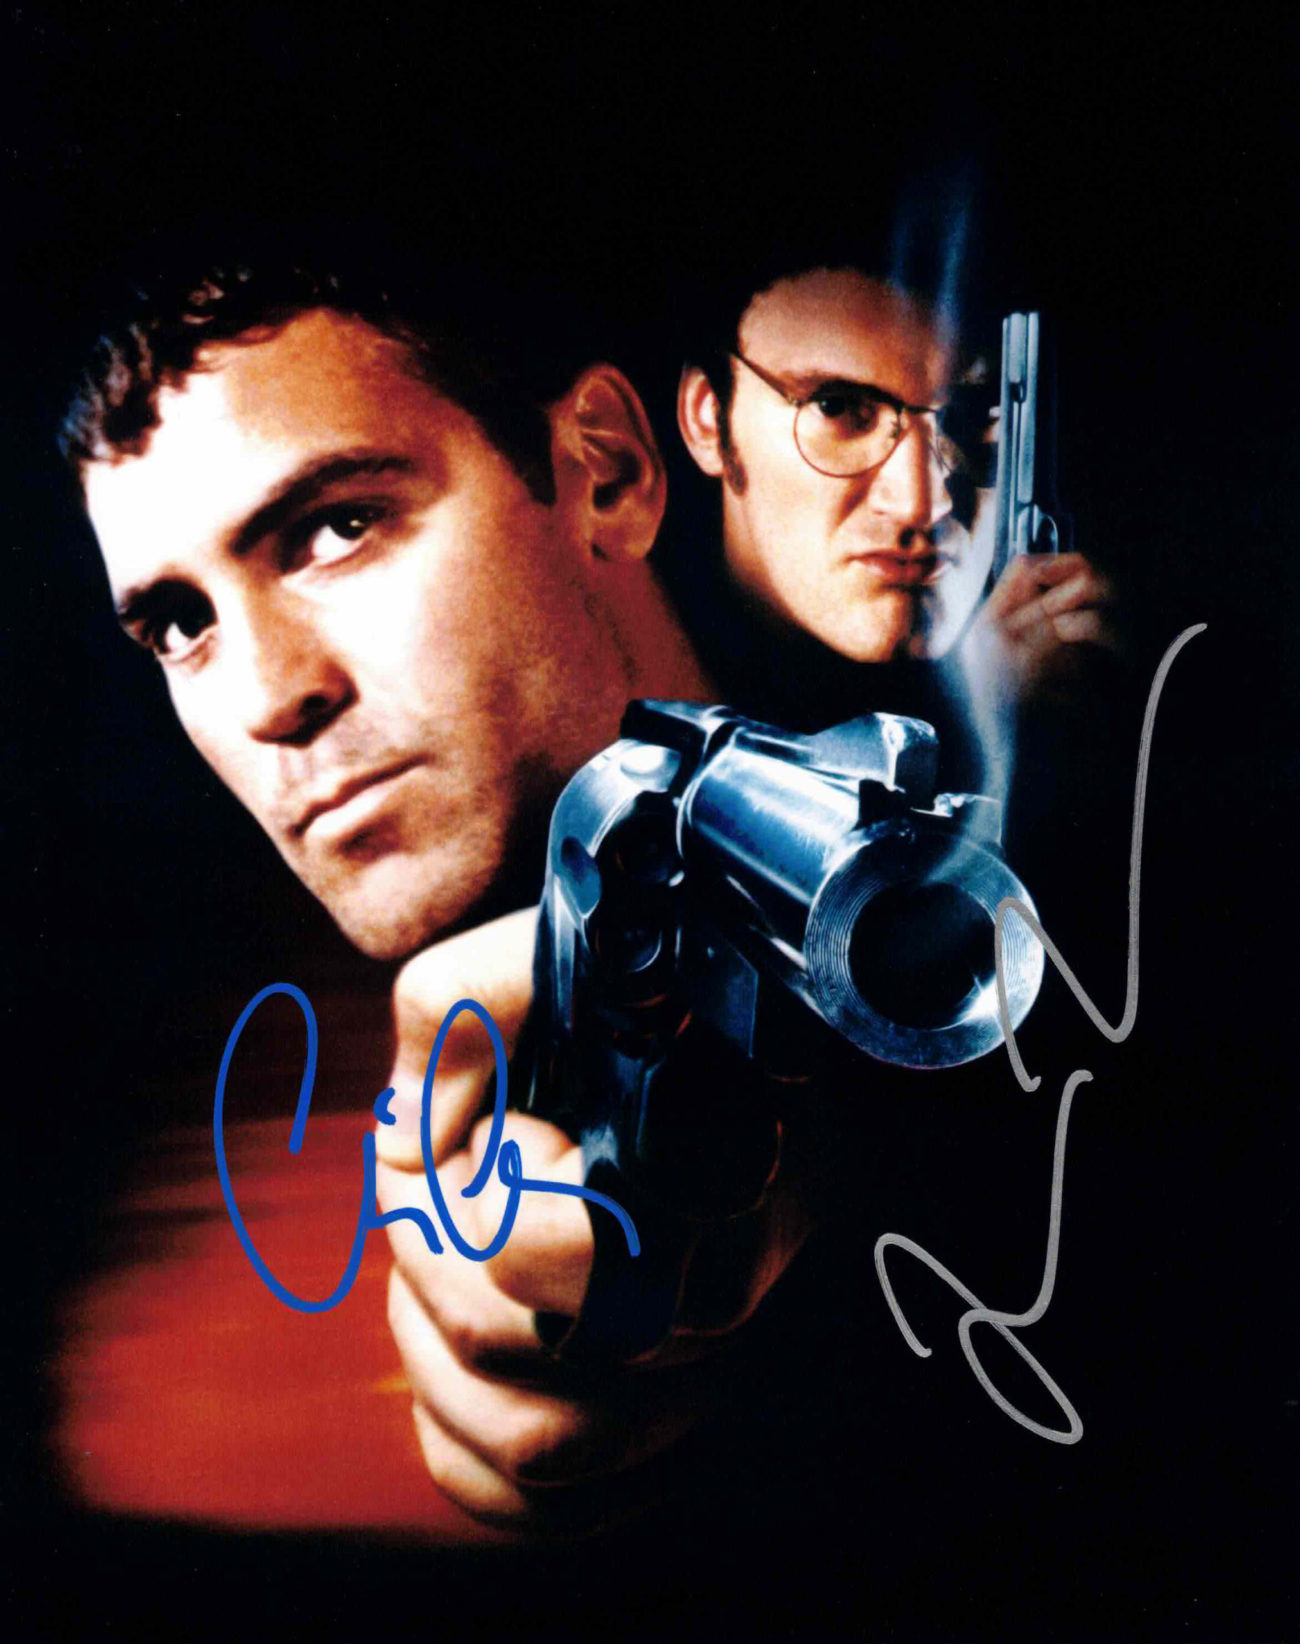 George Clooney & Quentin Tarantino - autogram